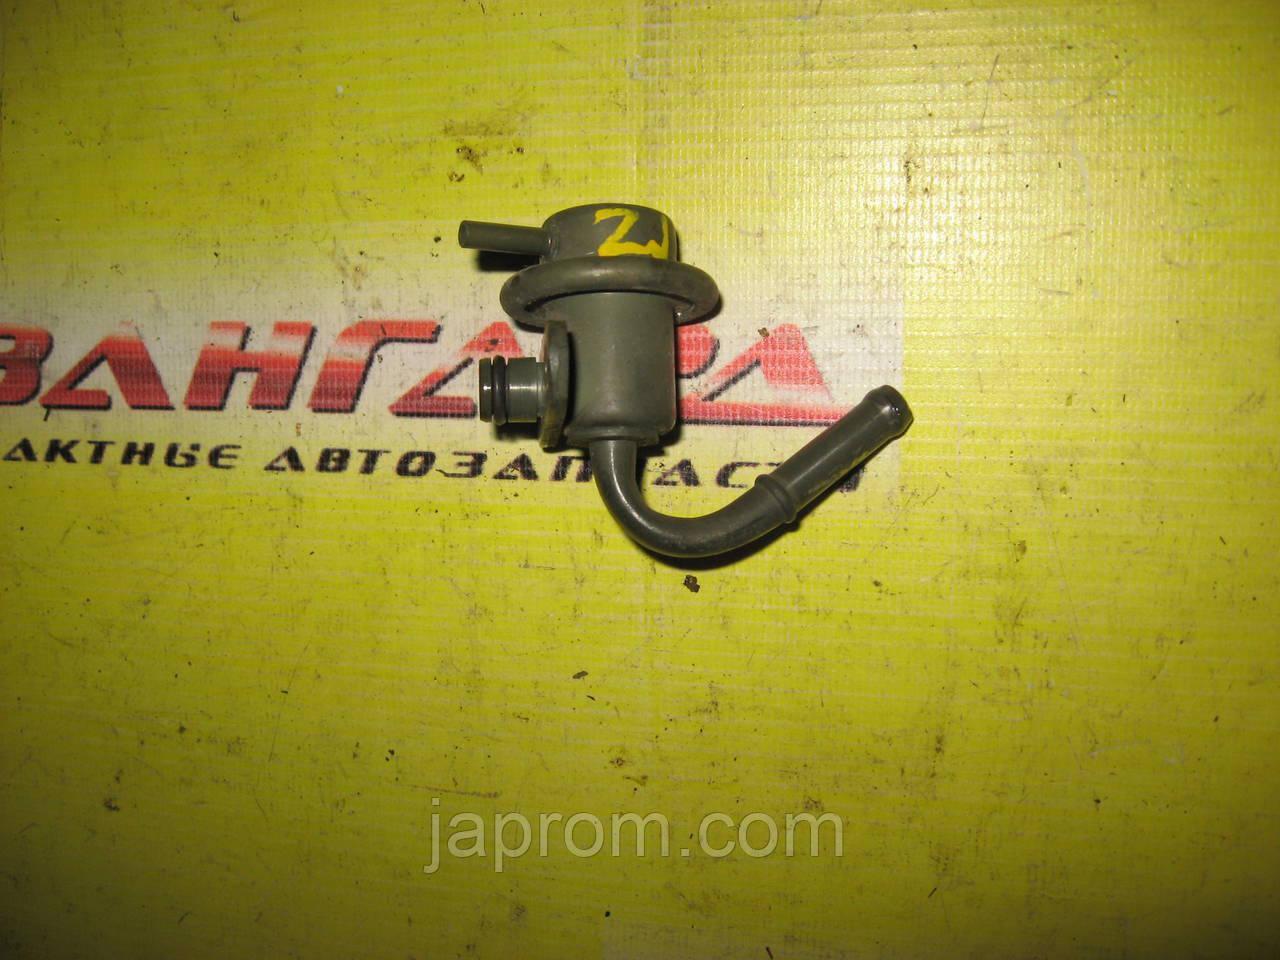 Регулятор давления топлива на рампе denso 2610 z501 Mazda 323 BJ ZJ0113280